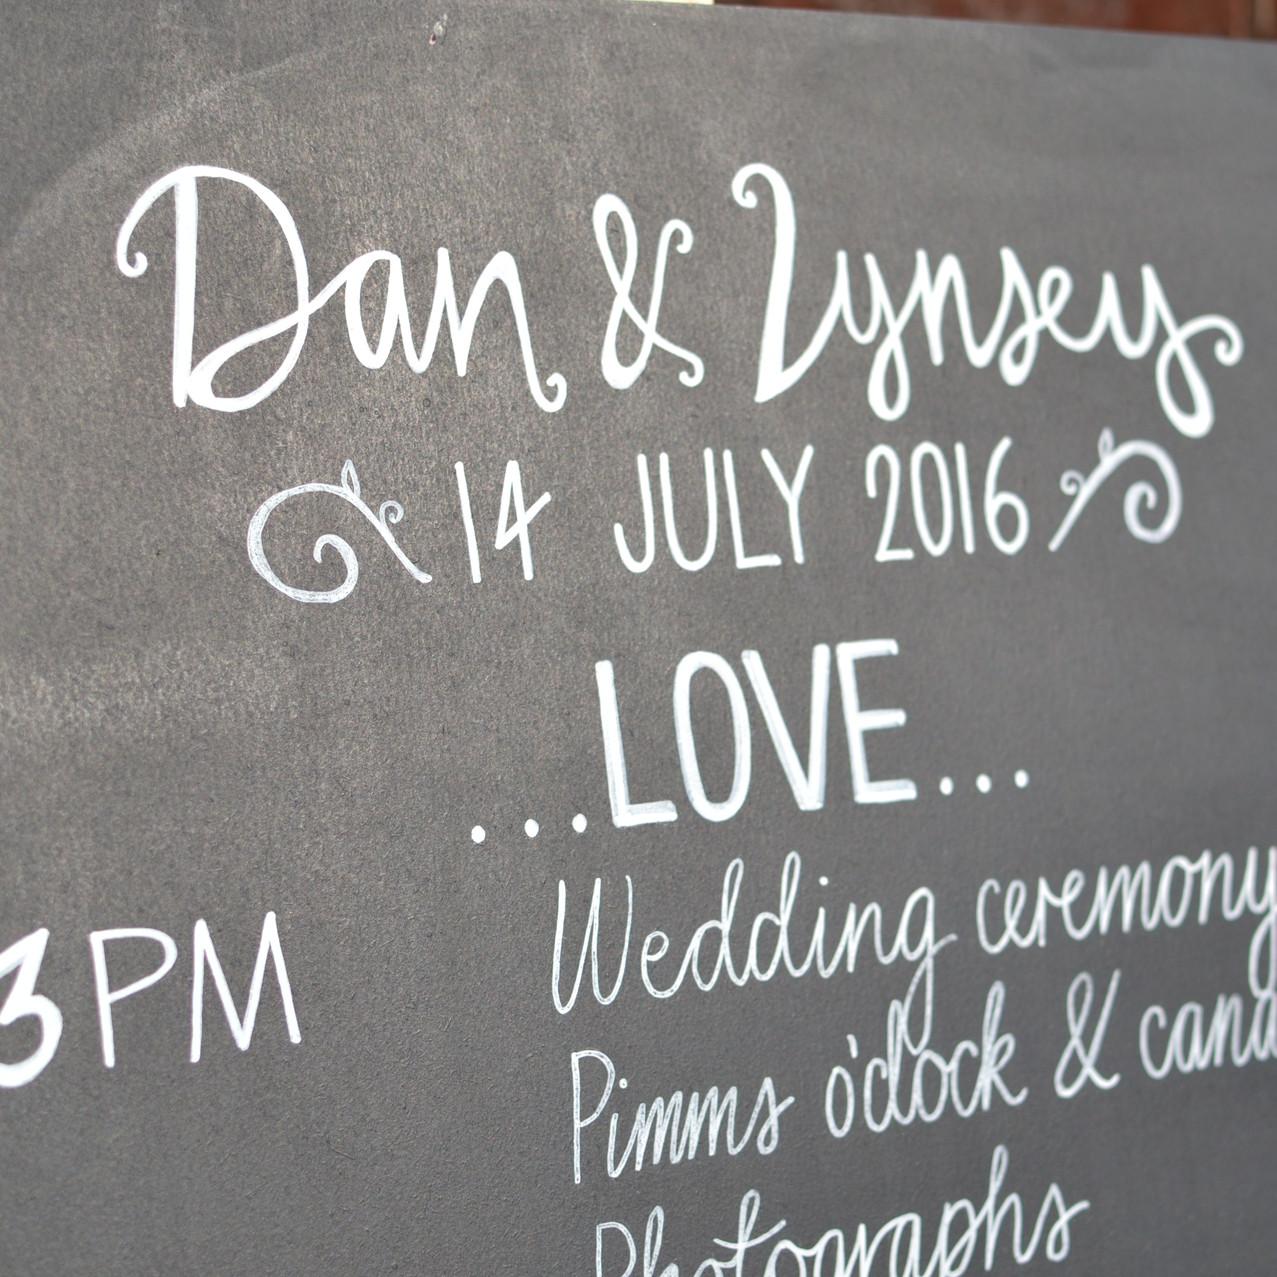 Dan & Lynsey Chalkboards - July 2016 (14)